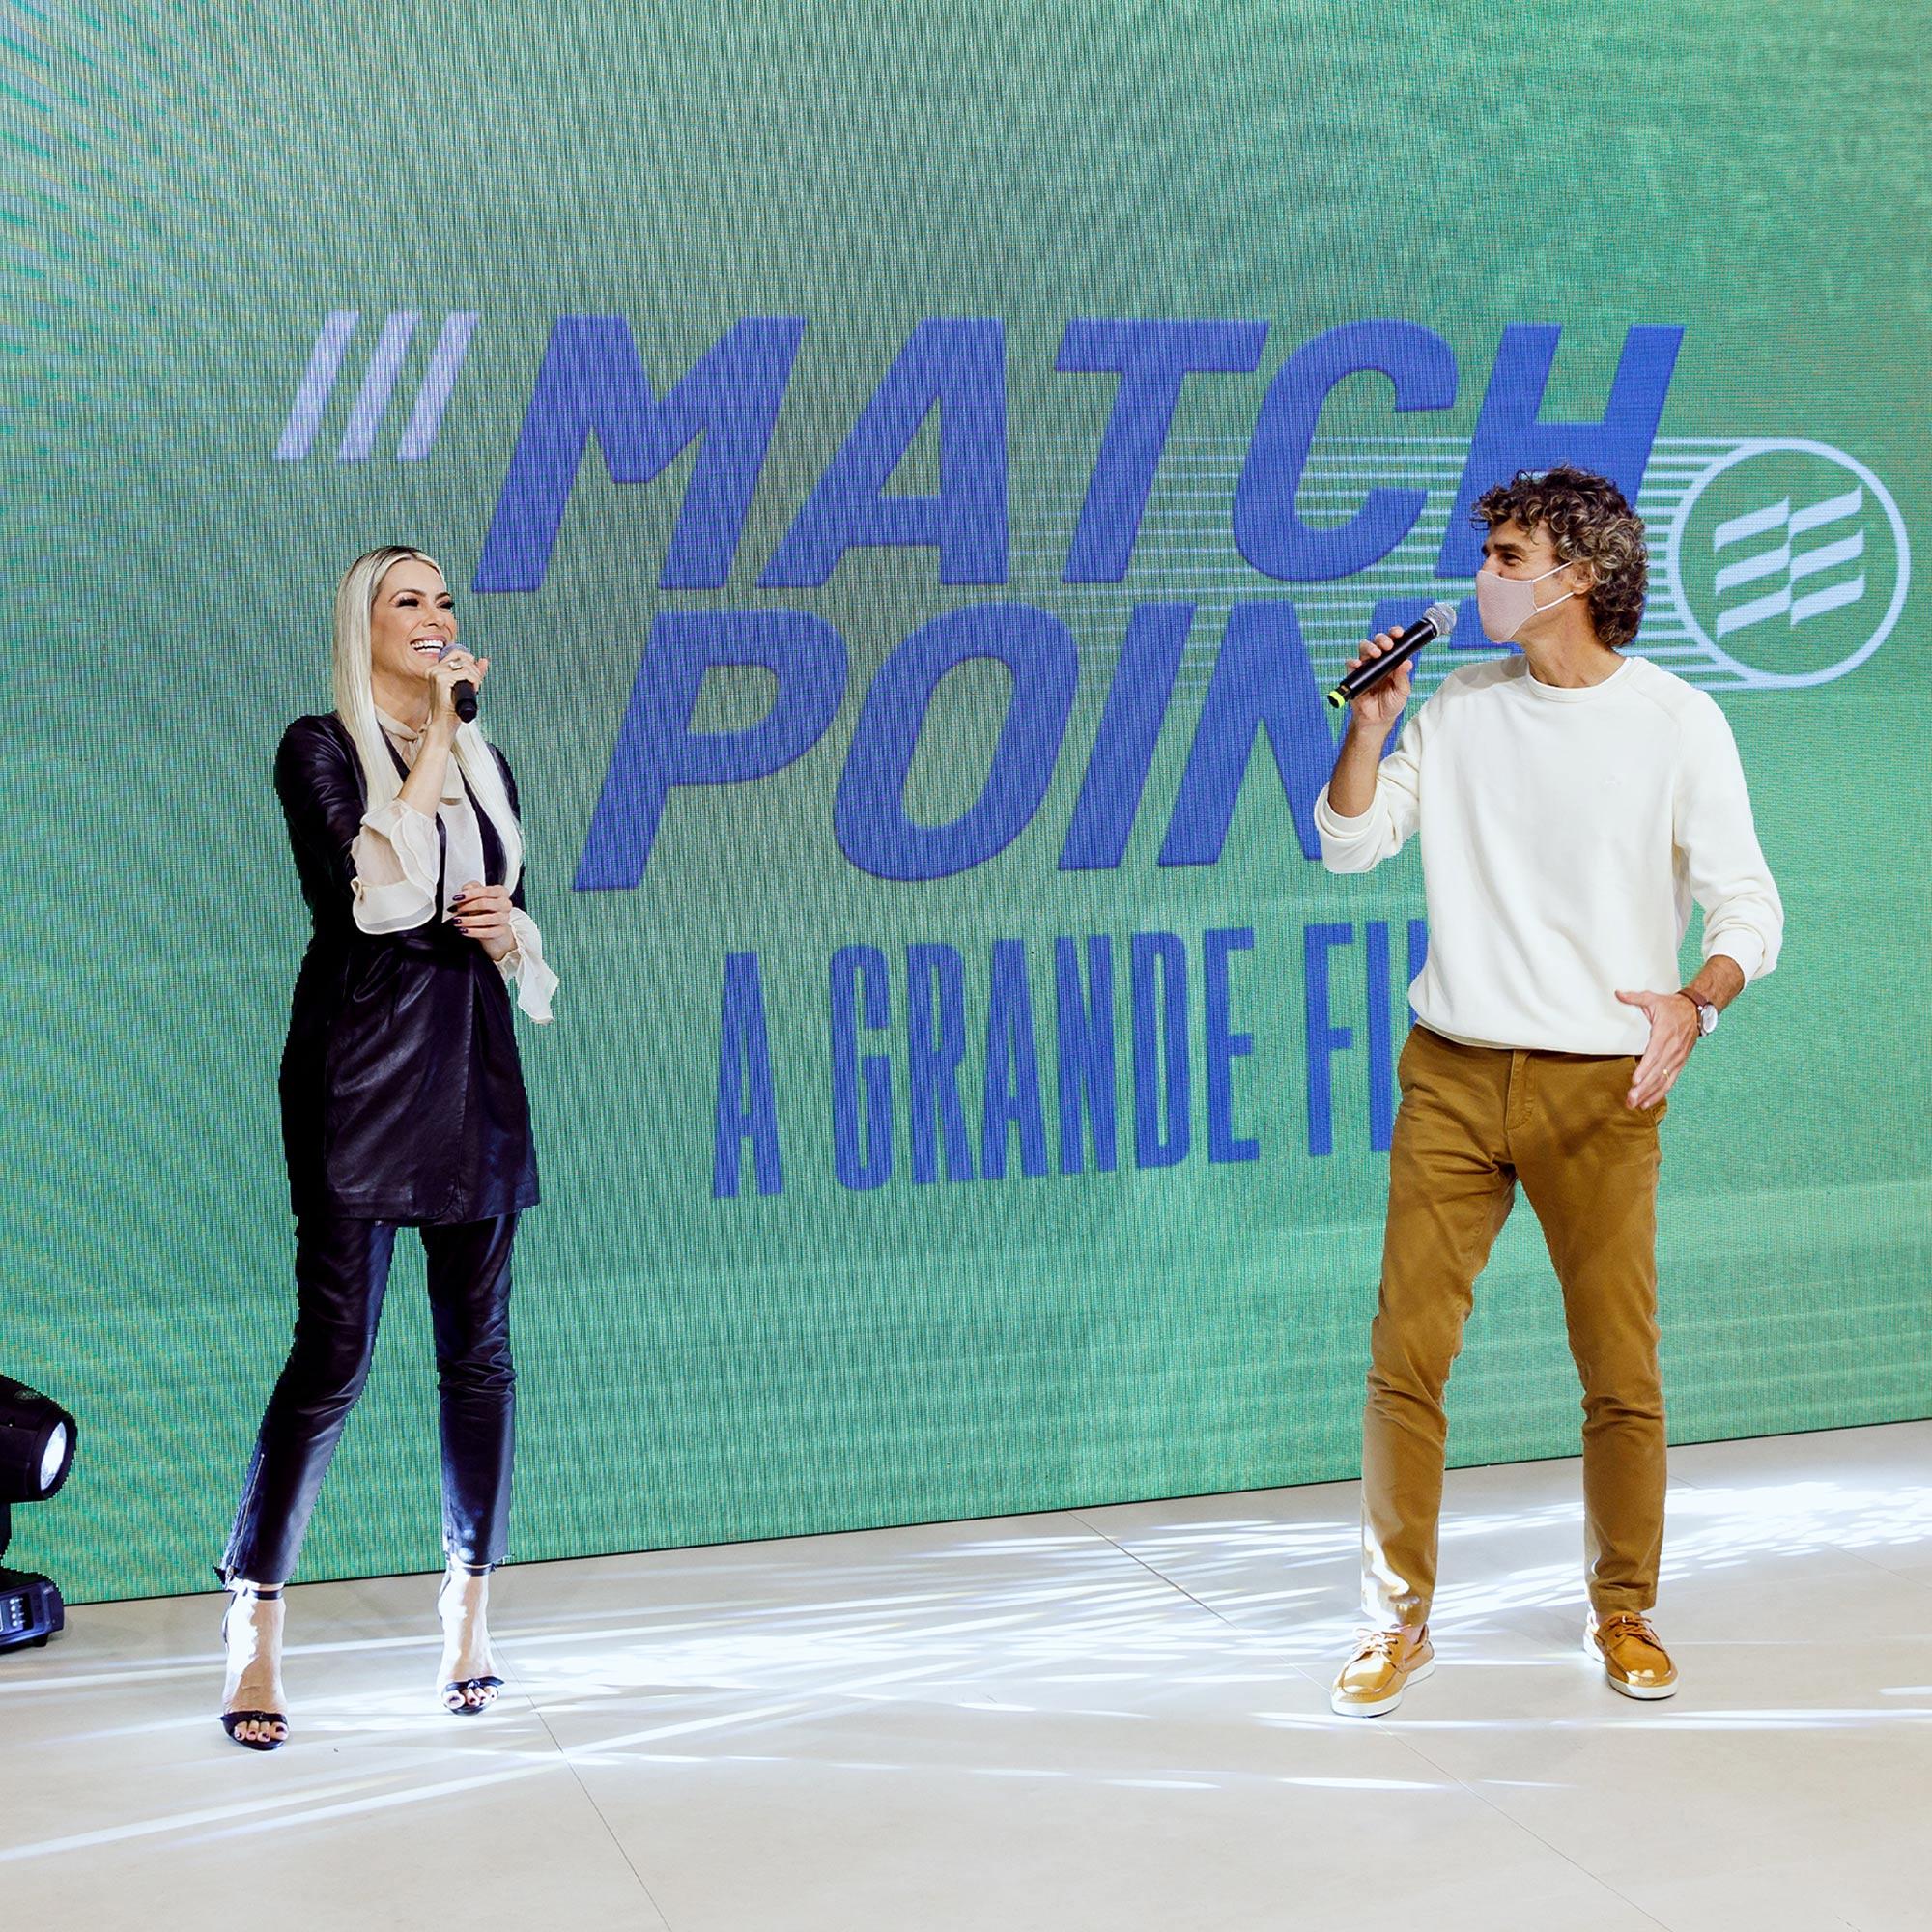 3º Torneio de Vendas Match Point apresentado por Renata Fan e Gustavo Kuerten distribui mais de 6 milhões em prêmios para corretores